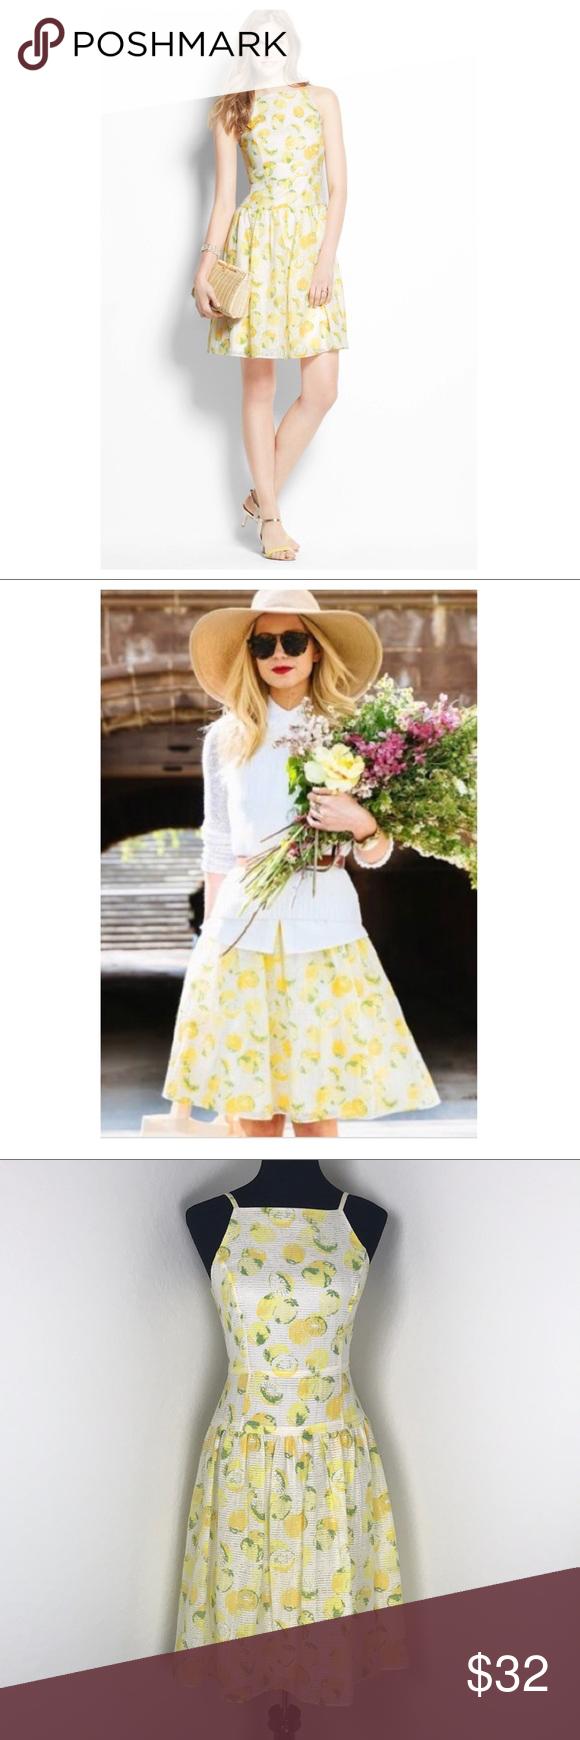 Ann Taylor Yellow White Lemon Print Dress Lemon Print Dress Dresses Lemon Print [ 1740 x 580 Pixel ]